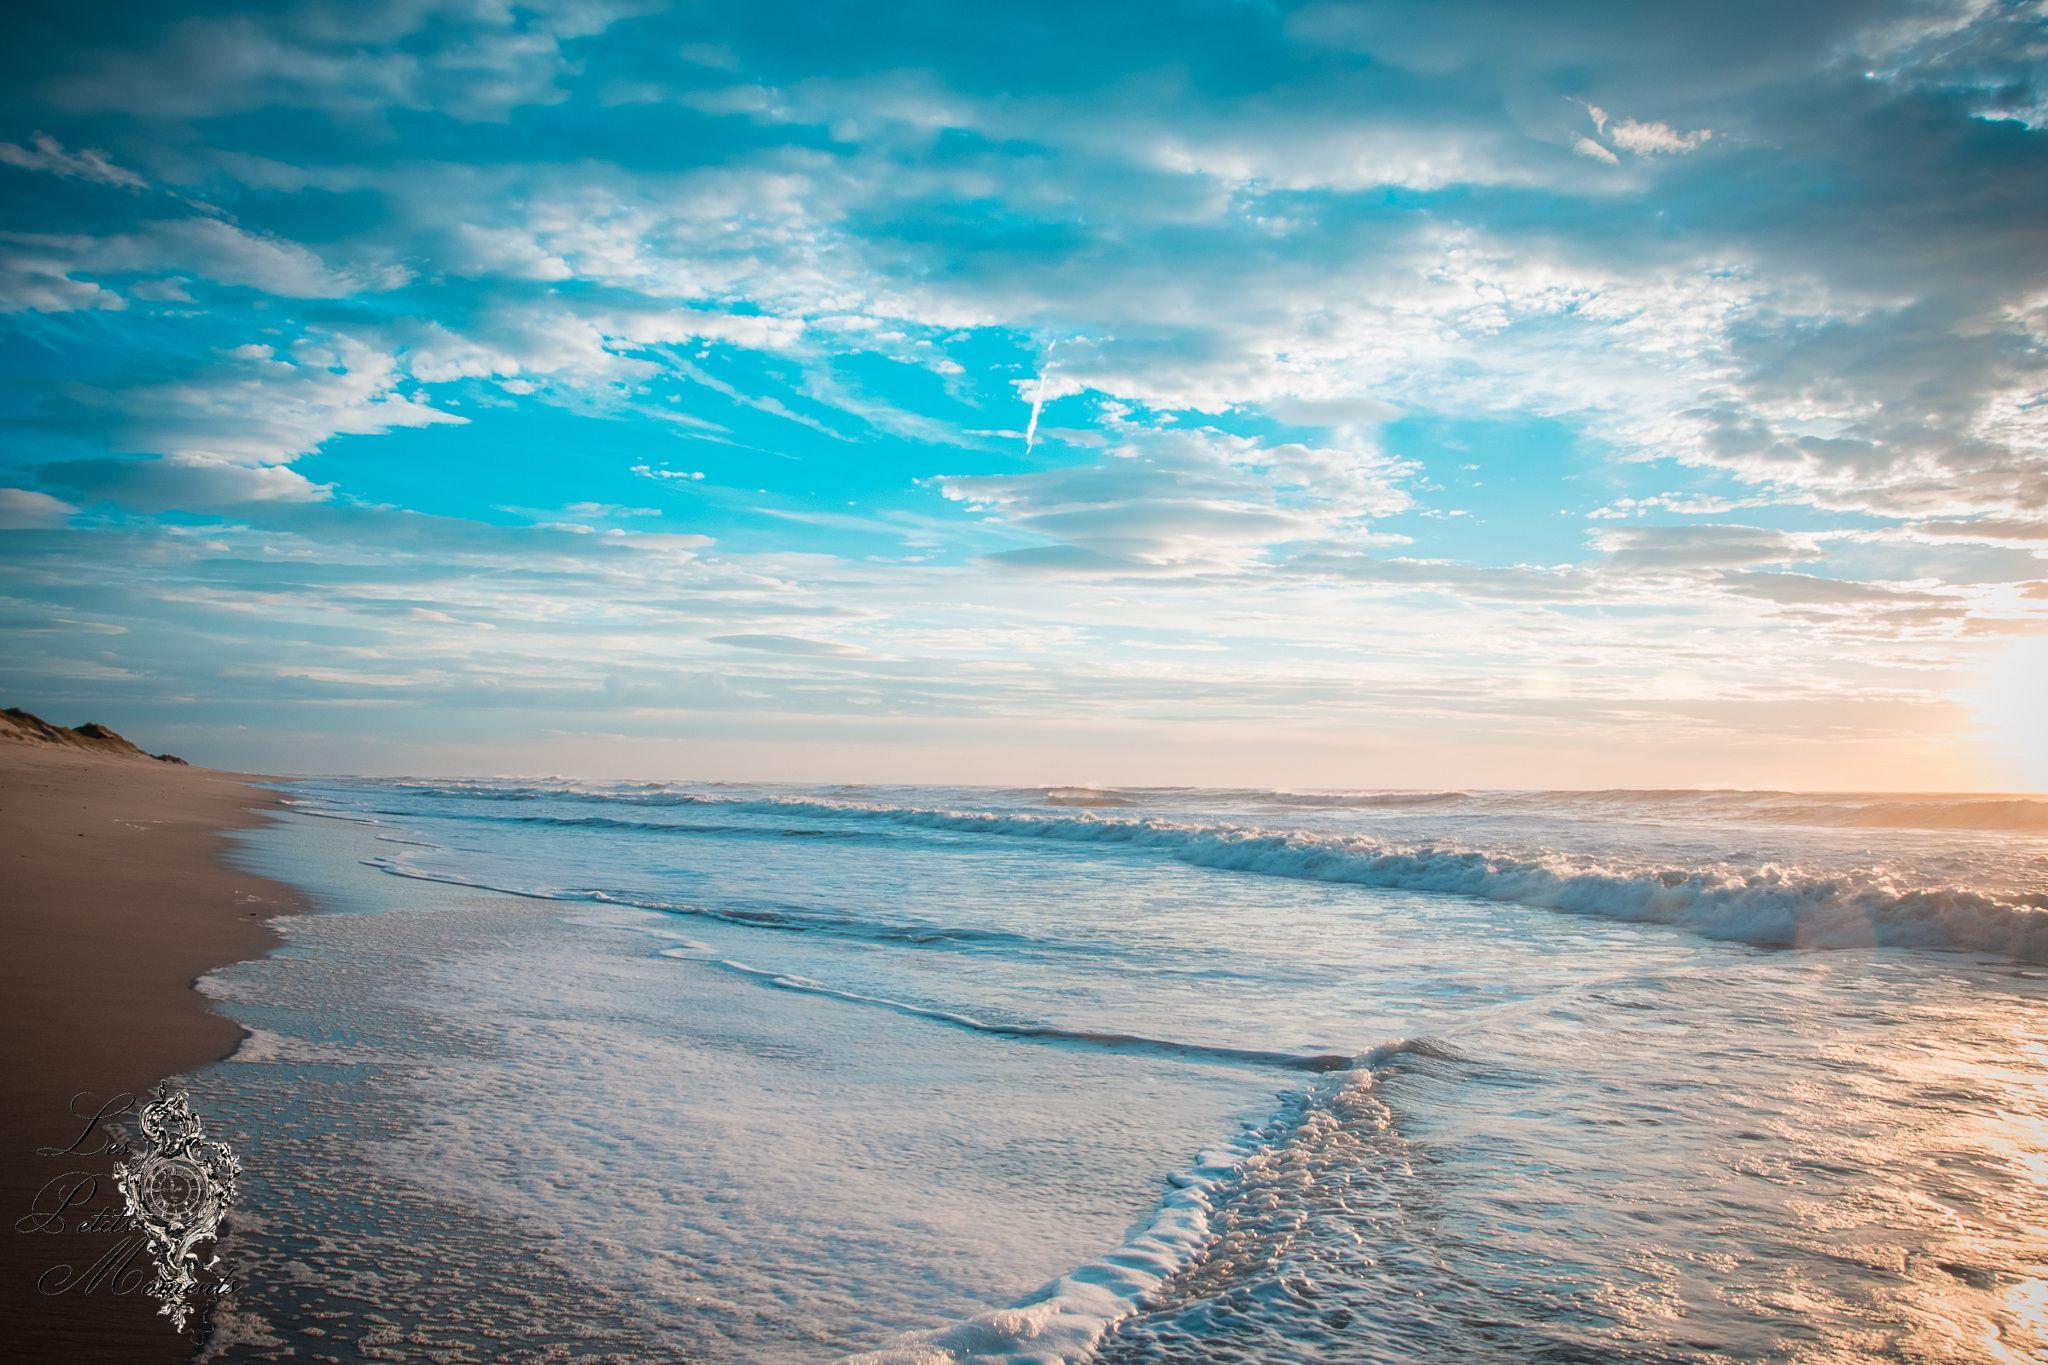 petits moments au crespucule iodé - La douce lumière de la fin du jour sur une plage desserte aura toujours cette cette beauté tellement envoutante